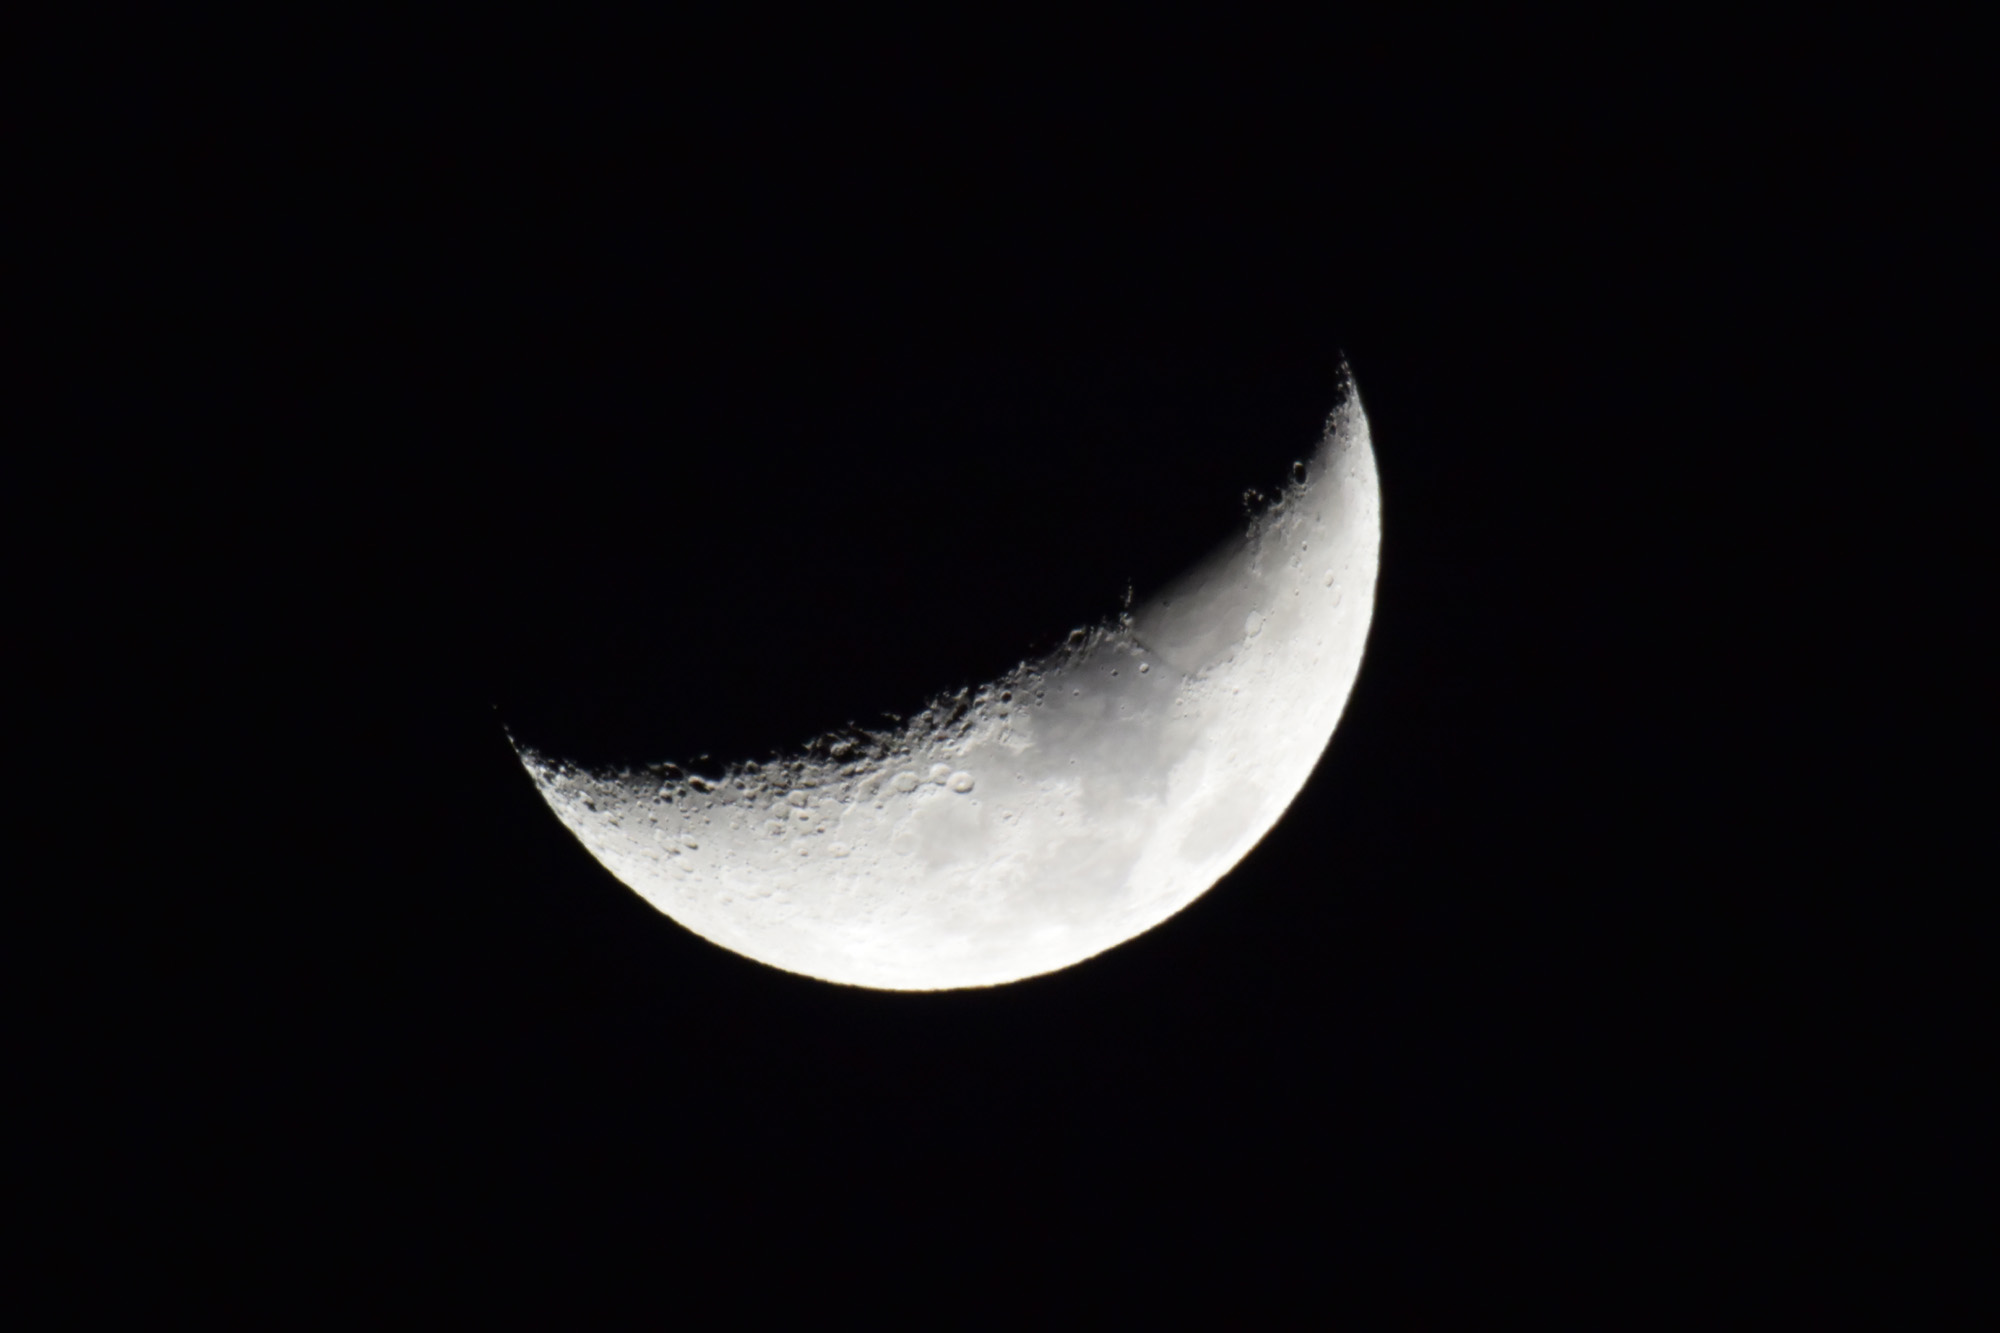 三日月 夕方雨が降ったので月でも撮って見ました。